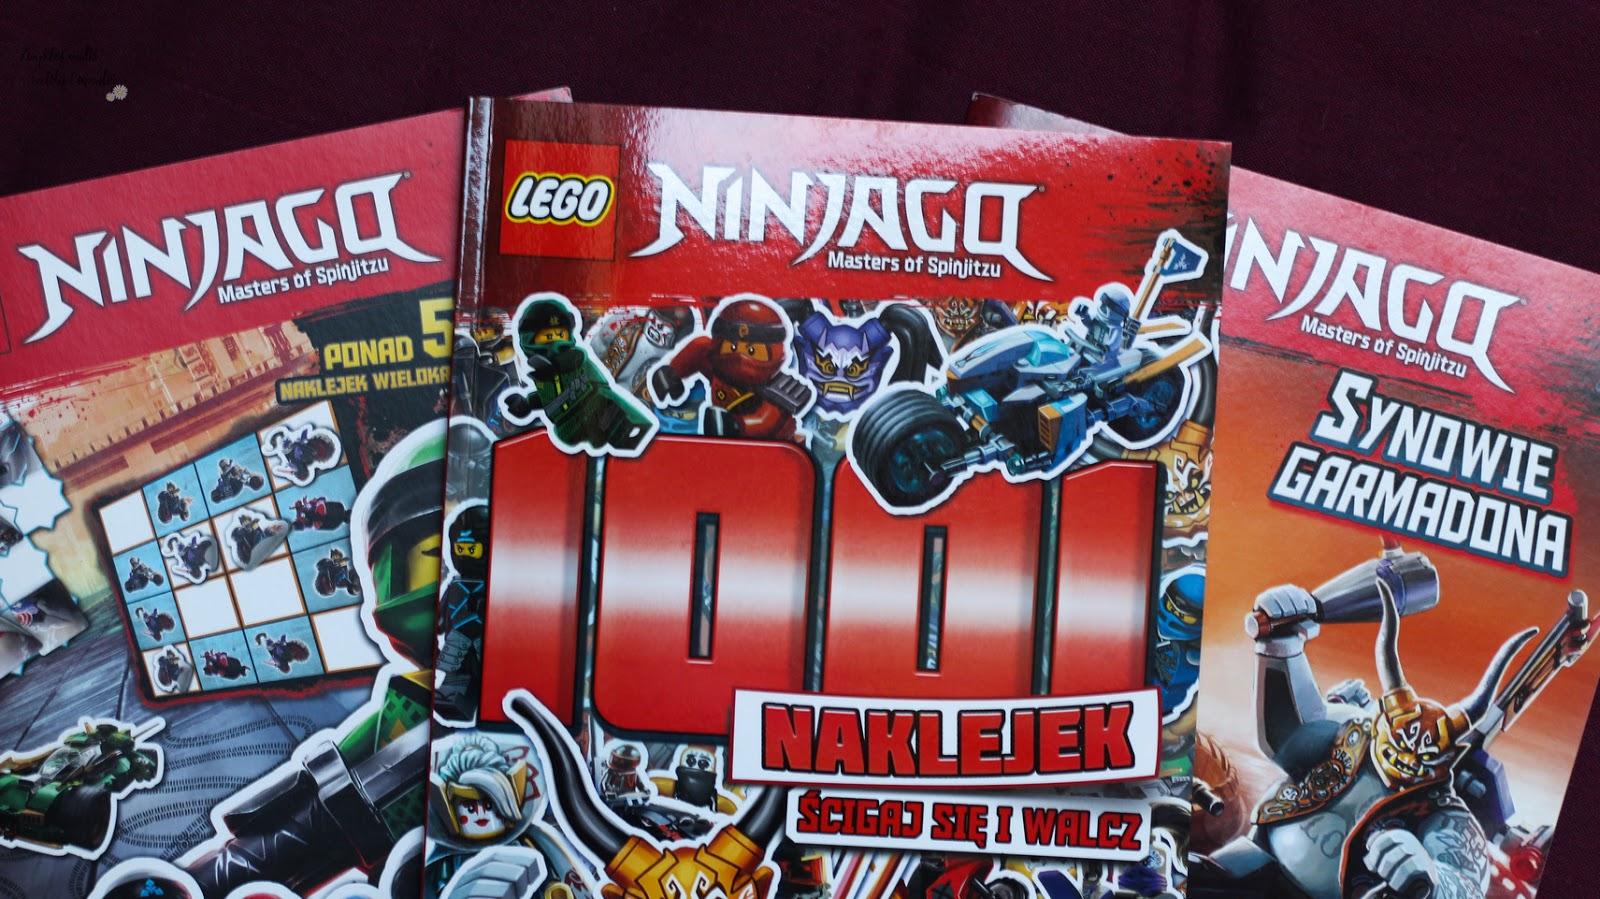 Lego Ninjago AMEET